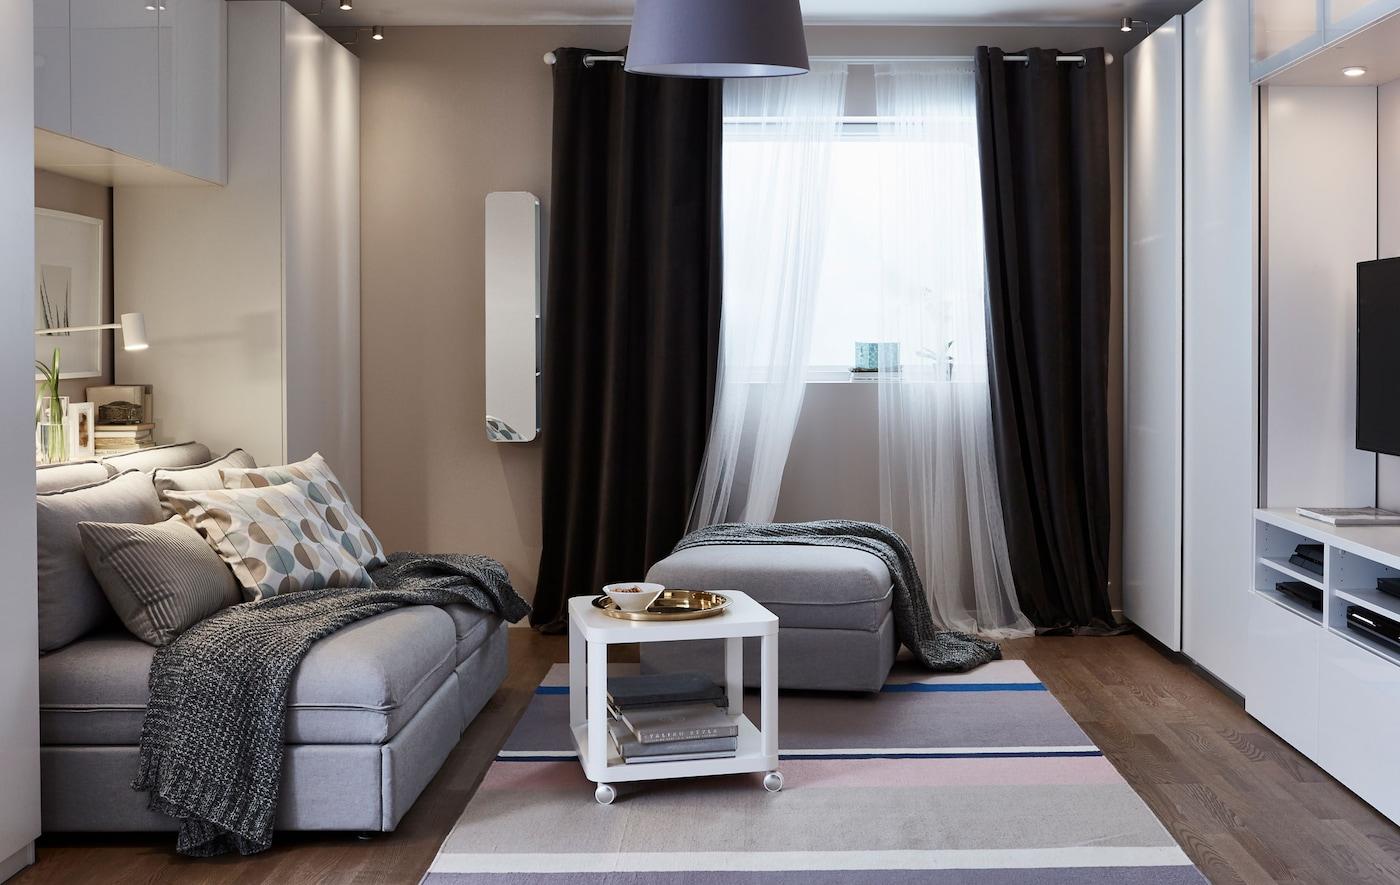 Wohnen & Schlafen kombinieren: Gestaltungstipps - IKEA Deutschland